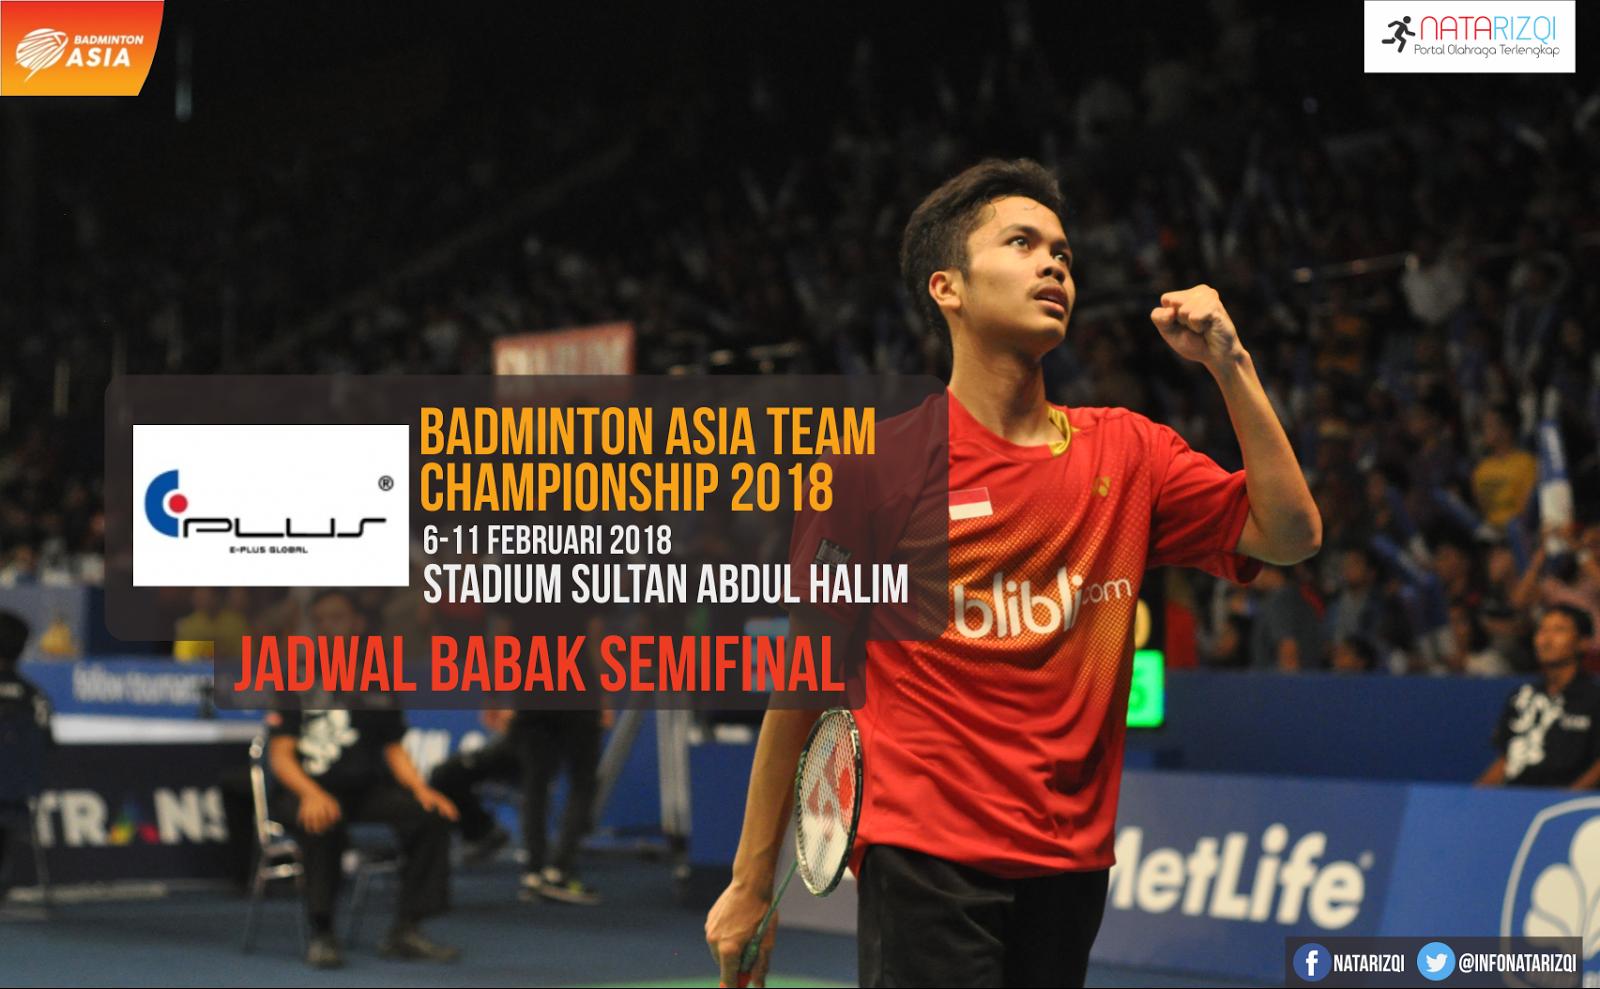 Jadwal Semifinal Badminton Asia Team Championship 2018 Terbaru